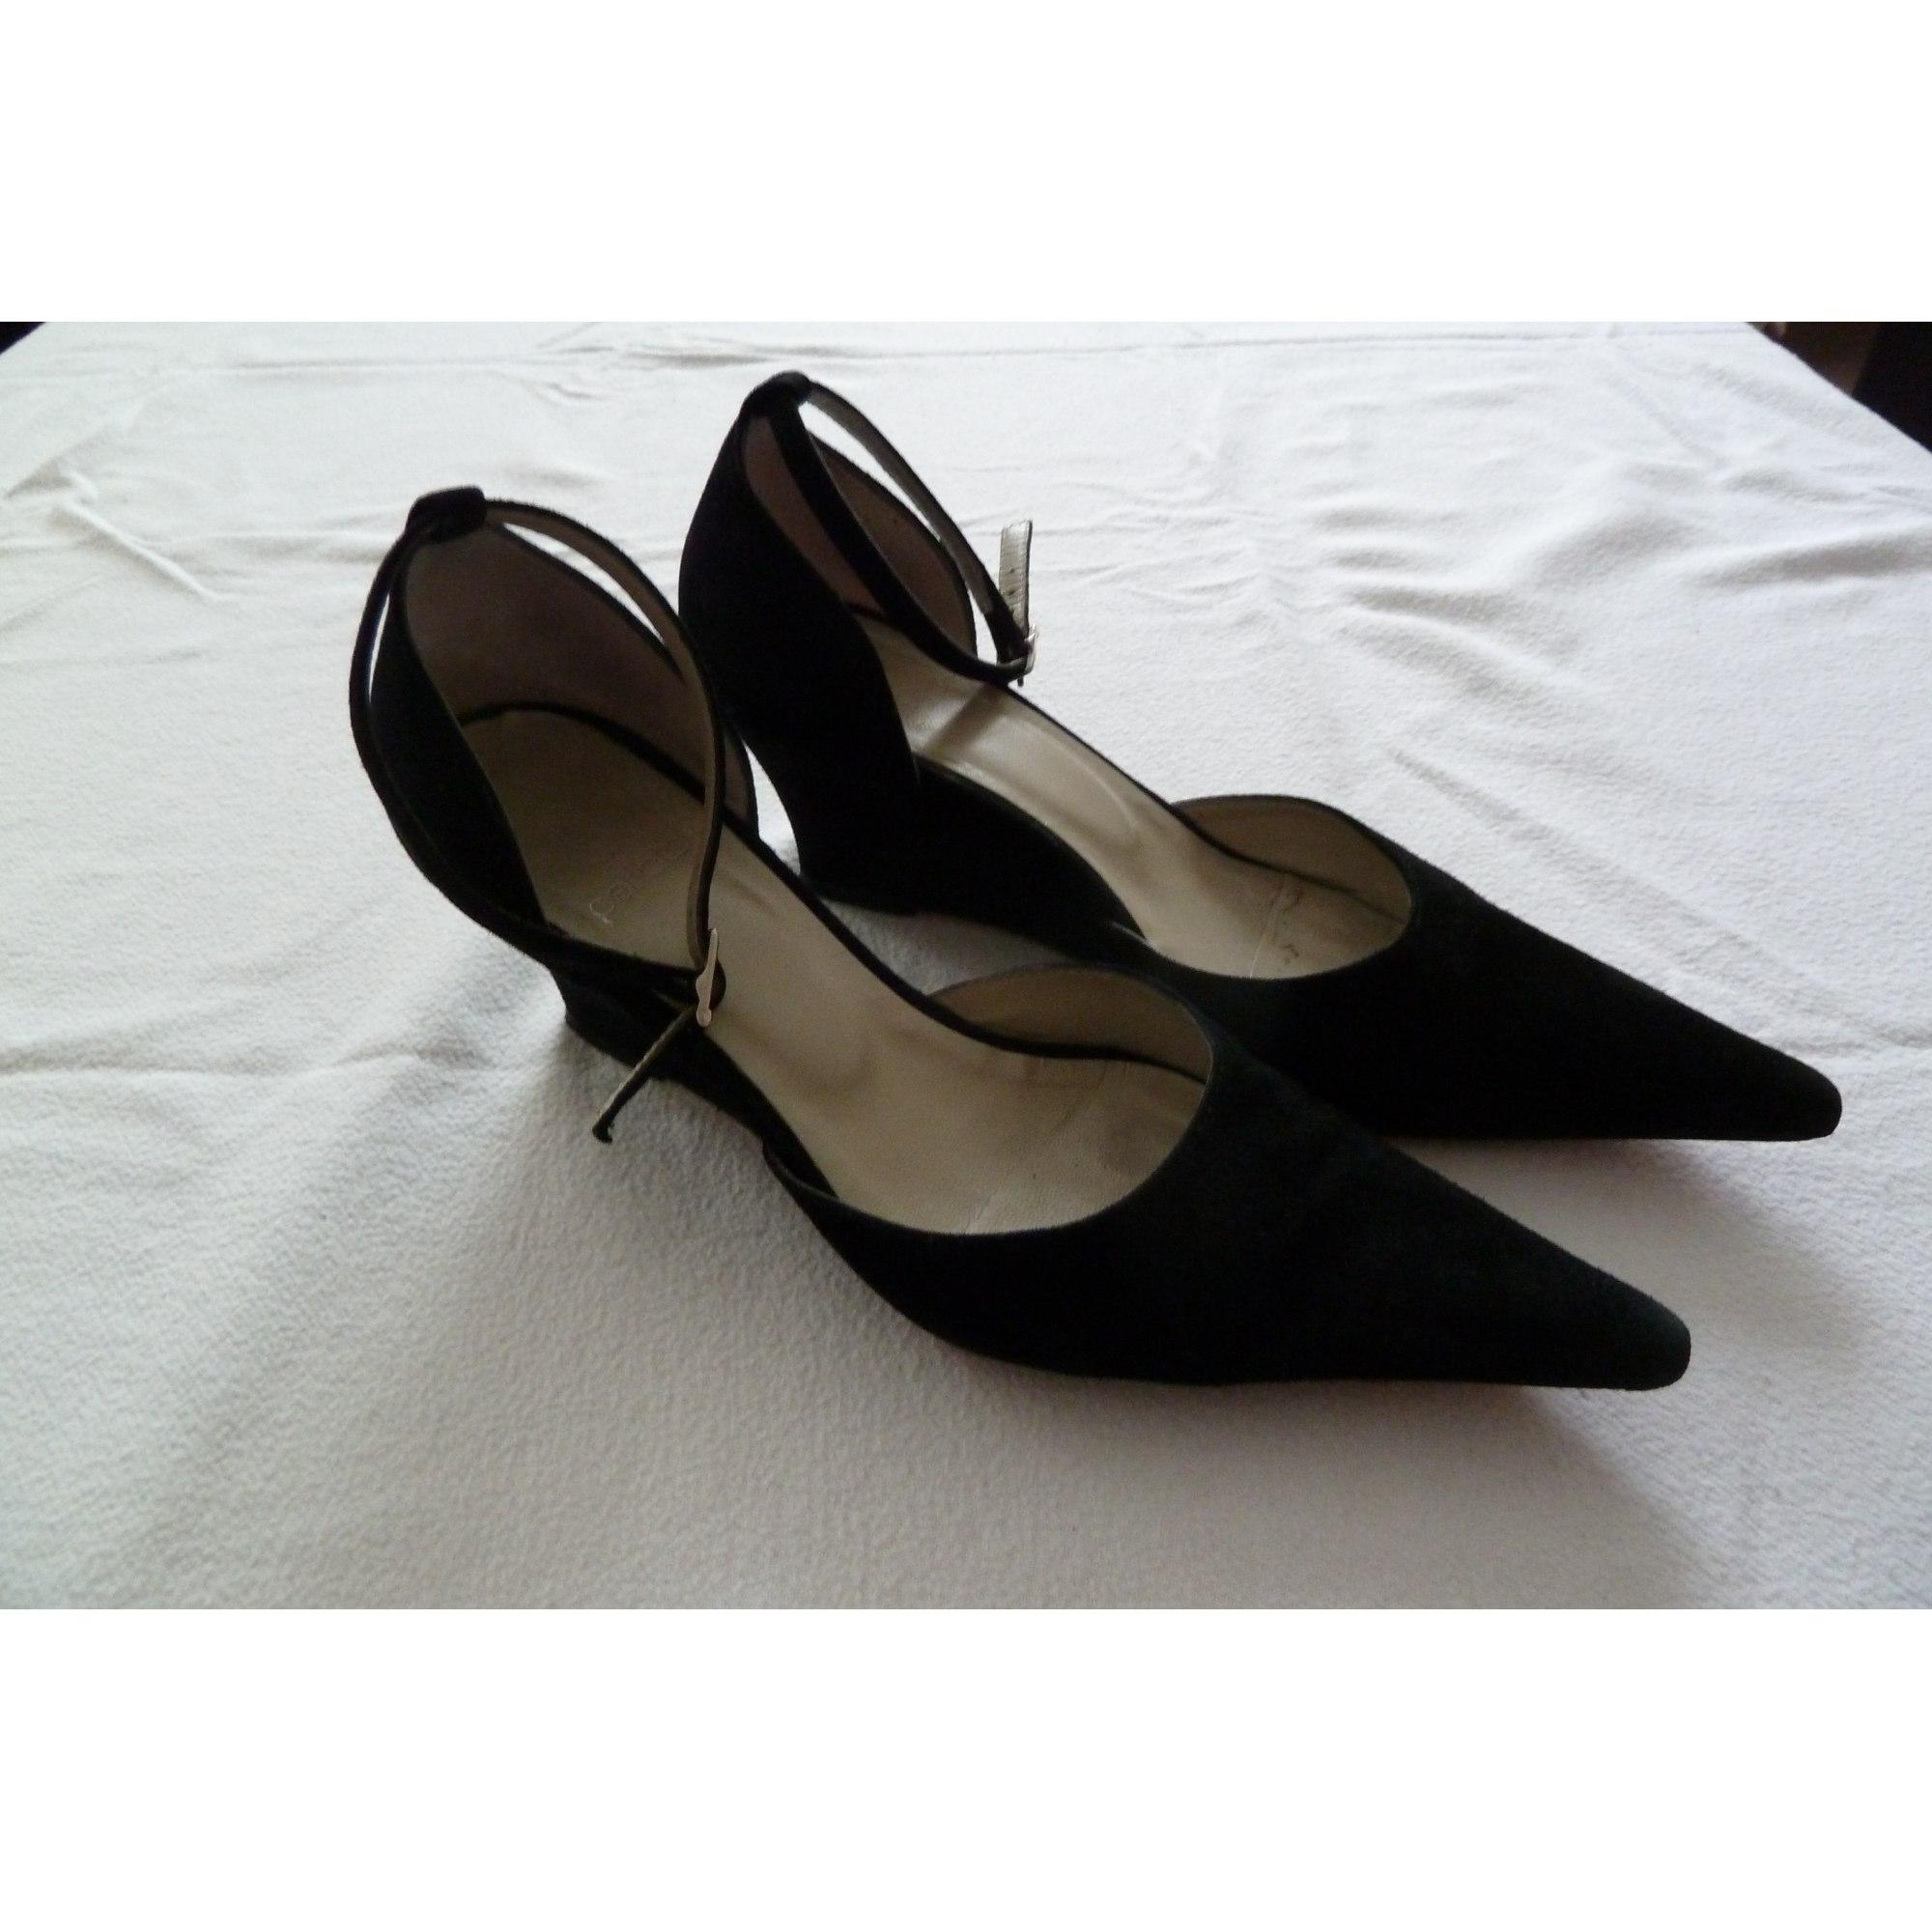 36 4473159 Noir Escarpins Perlato Compensés wk0O8nP